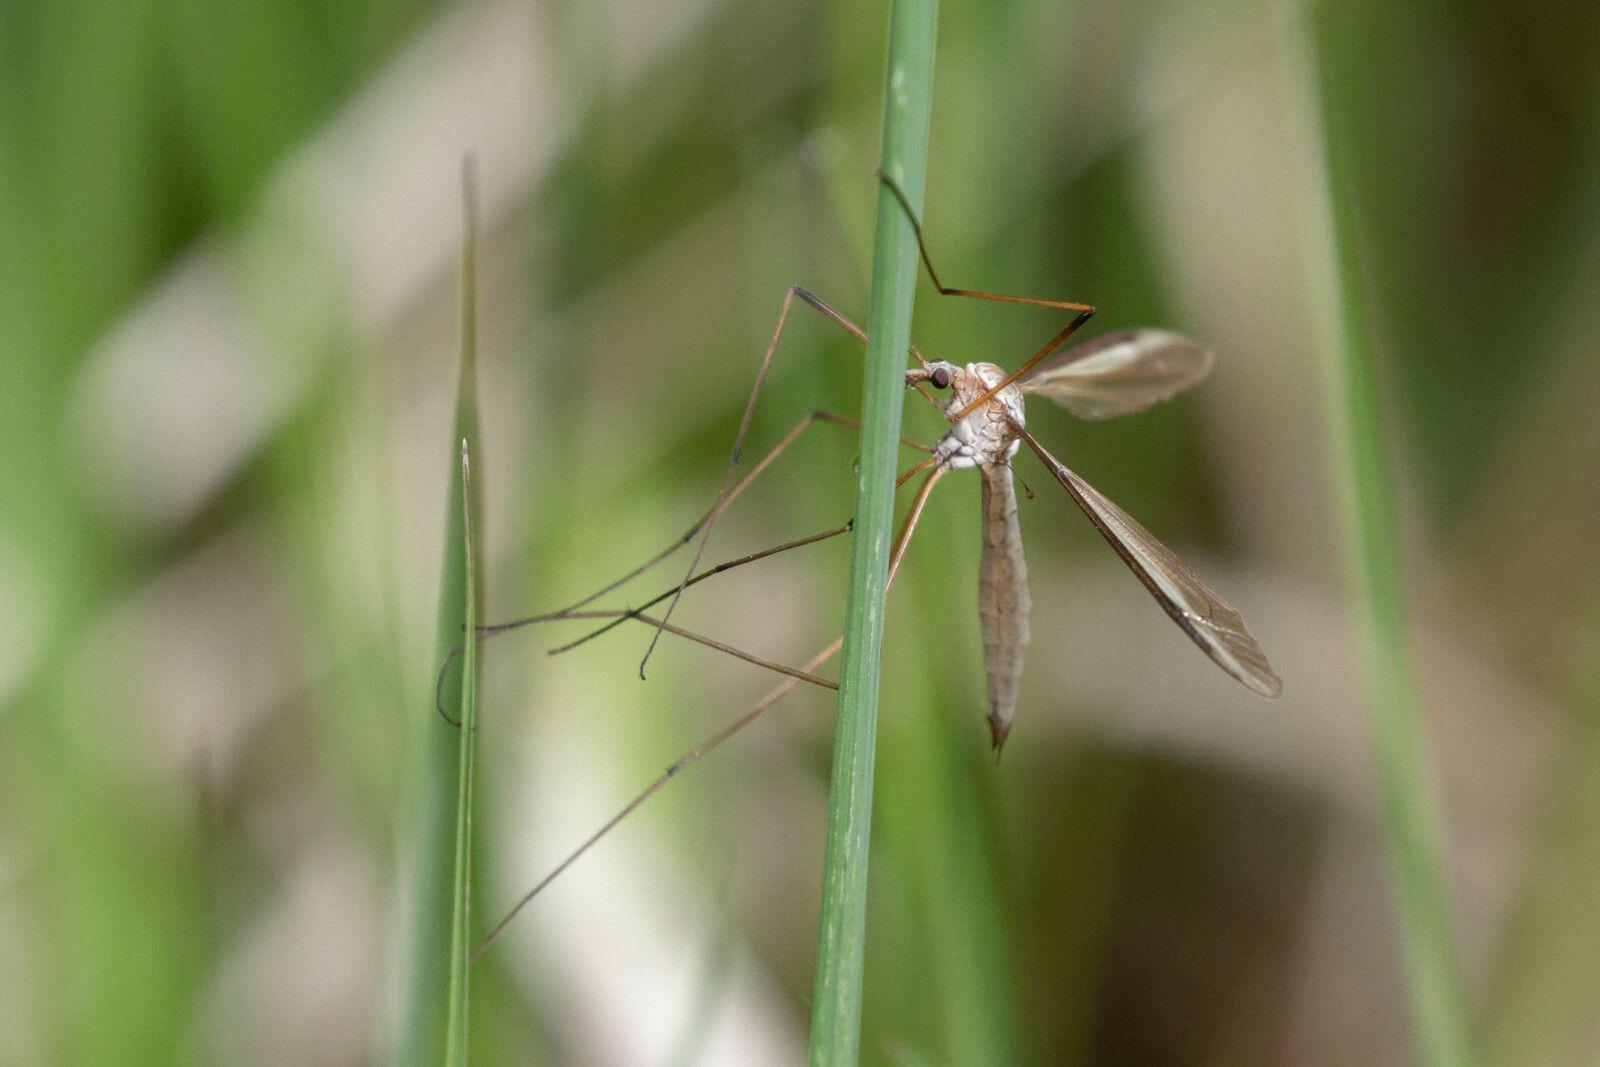 Tipula sp